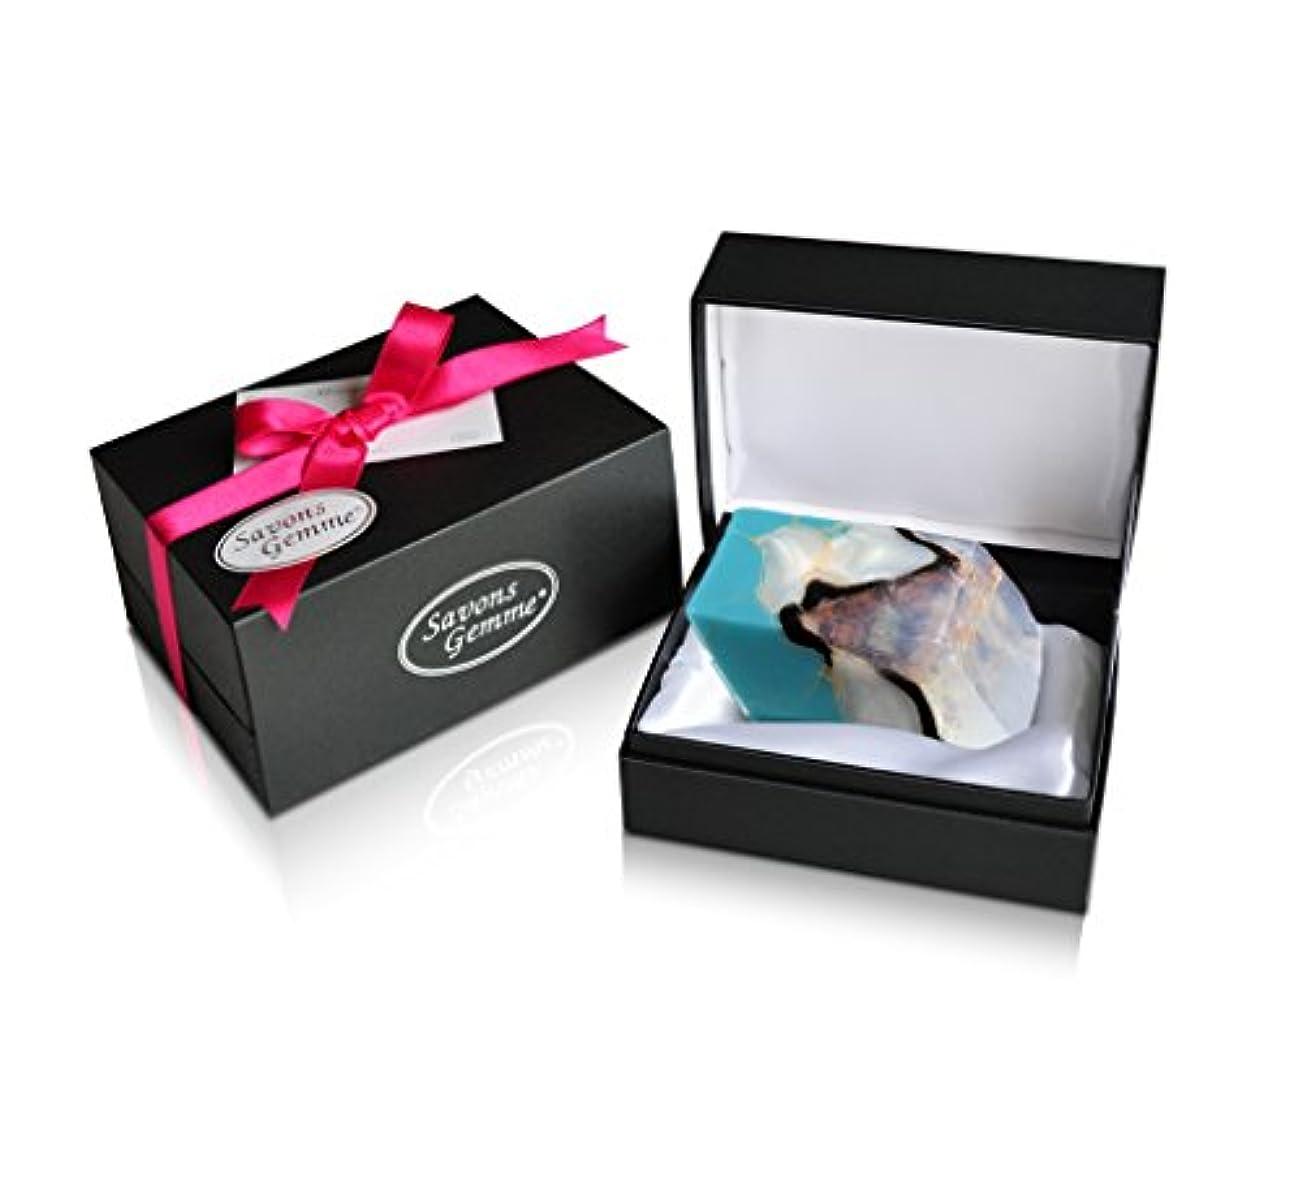 リビングルームキャップ手段Savons Gemme サボンジェム ジュエリーギフトボックス 世界で一番美しい宝石石鹸 フレグランス ソープ ターコイズ 170g